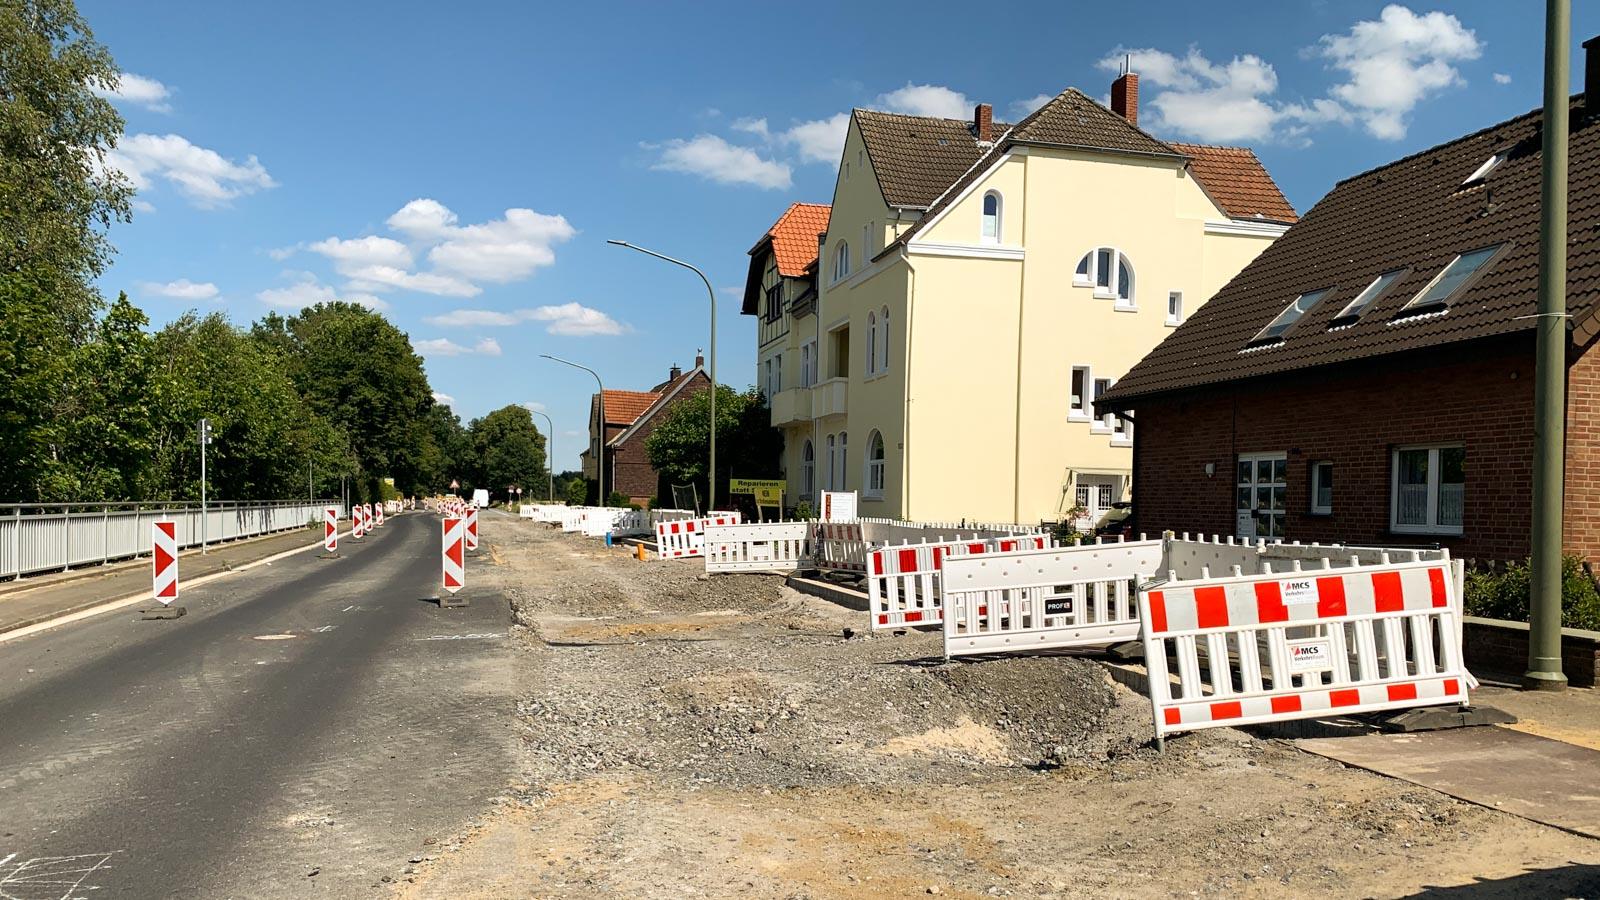 Straße mit umfangreichen Bauarbeiten